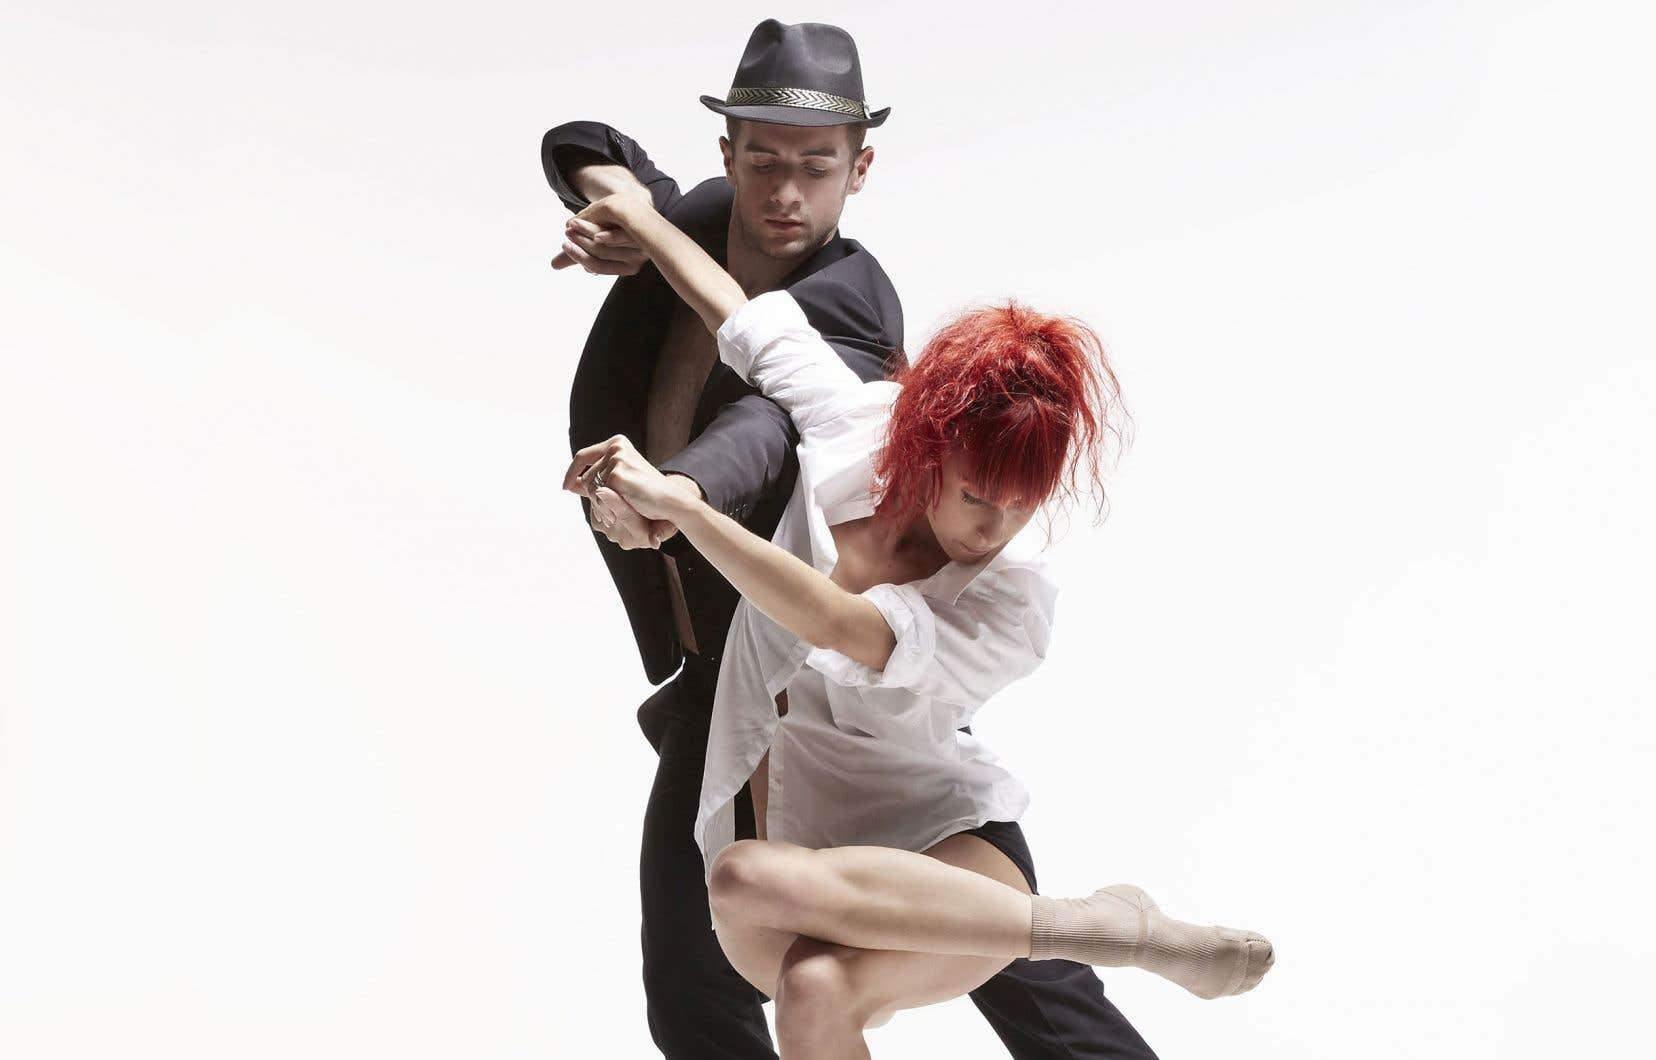 Dans un écrin spectaculaire huilé, les danseurs des Ballets jazz de Montréal enchaînent les tableaux sur les chansons emblématiques de Cohen.